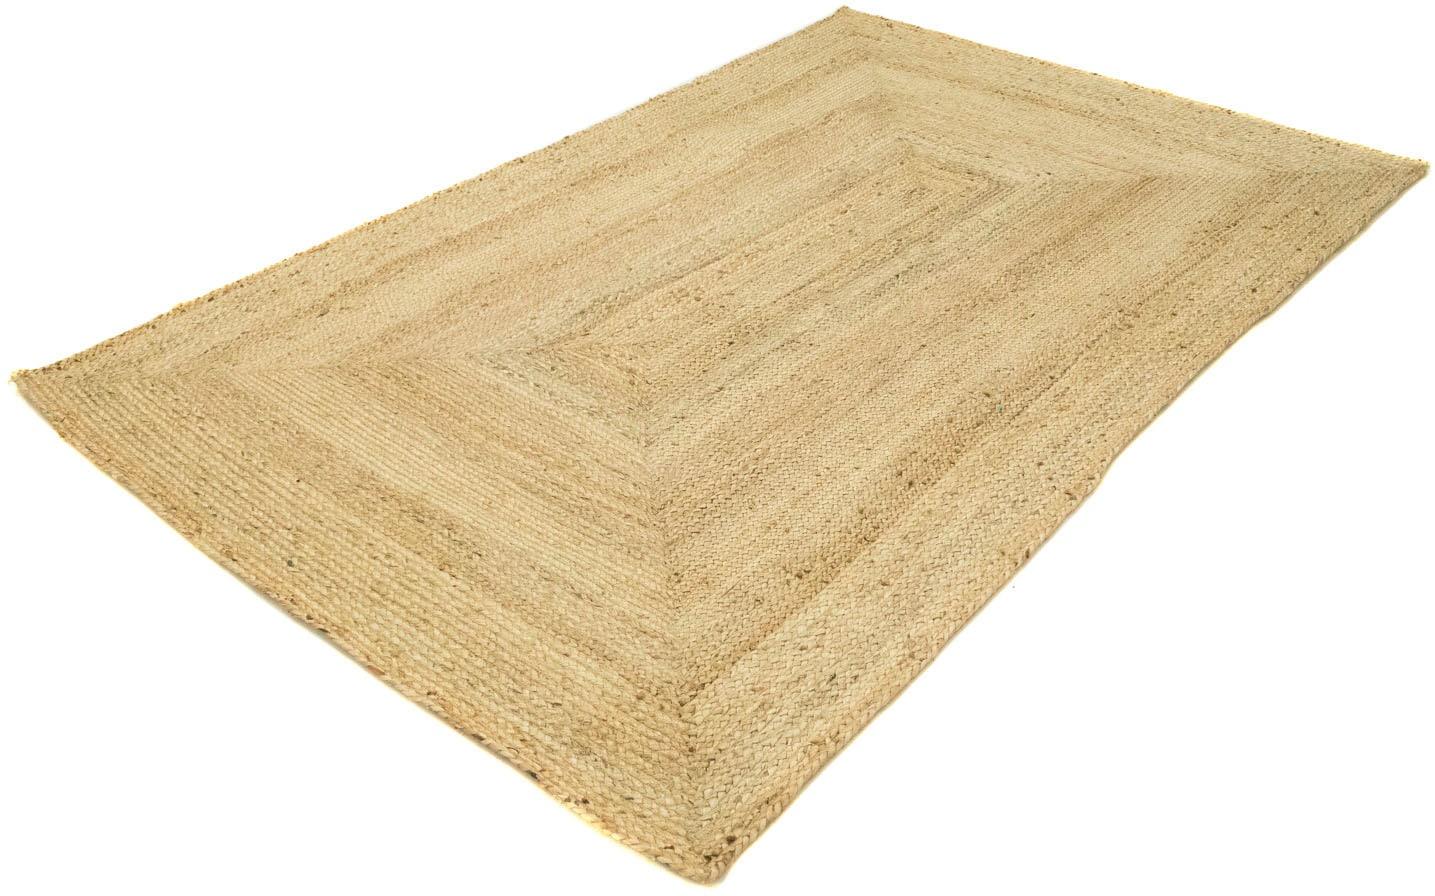 morgenland Teppich Sisalteppich Indigo, rechteckig, 7 mm Höhe beige Juteteppiche Naturteppiche Teppiche